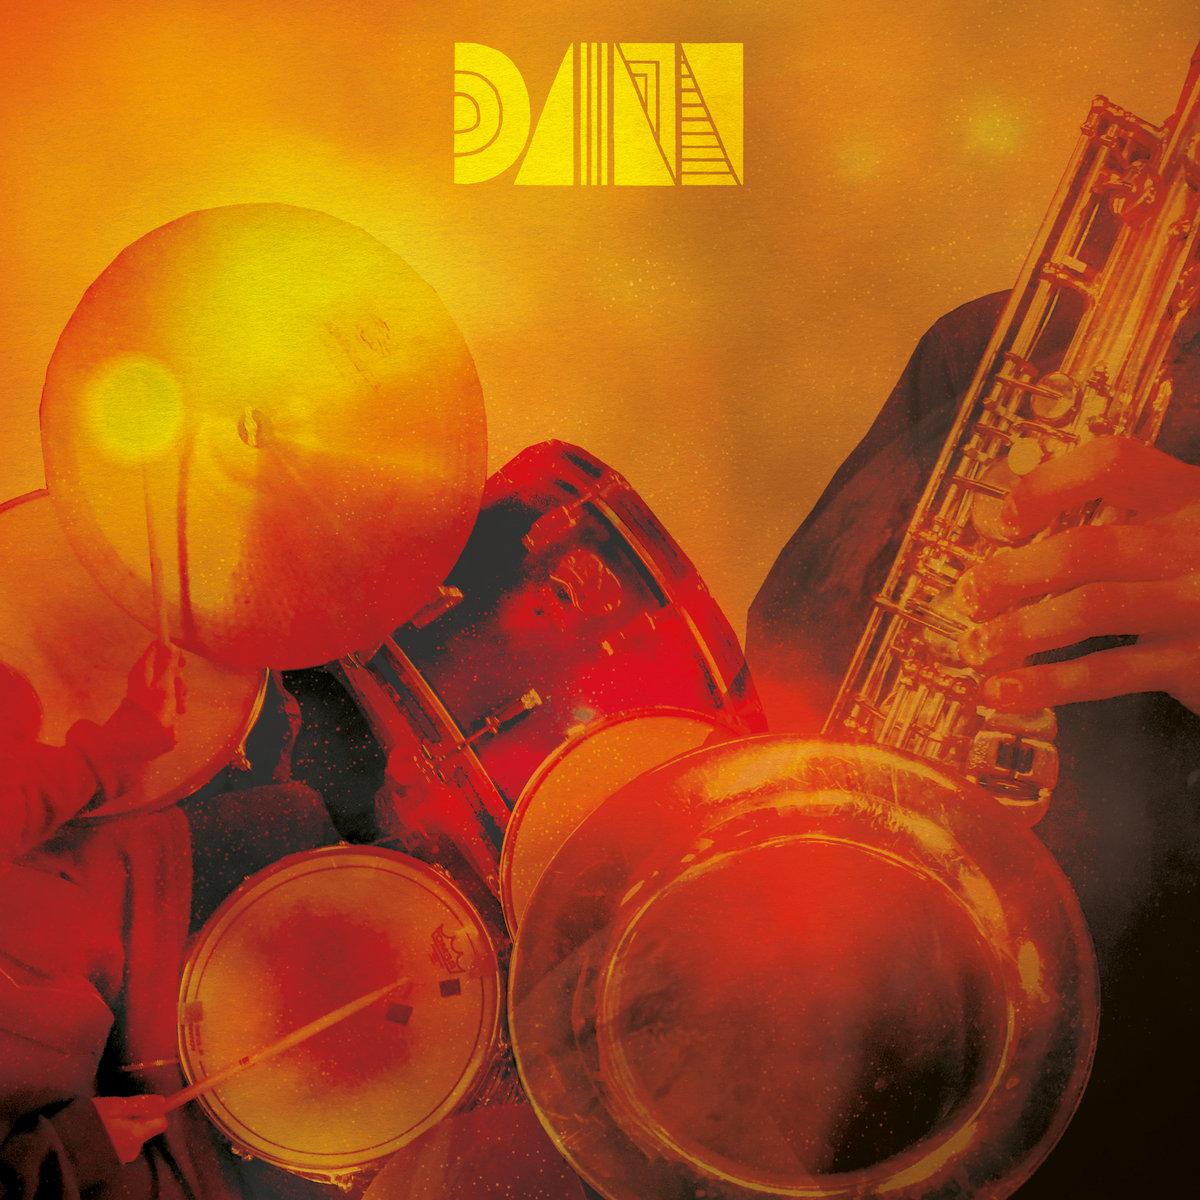 DJINN - Transmission